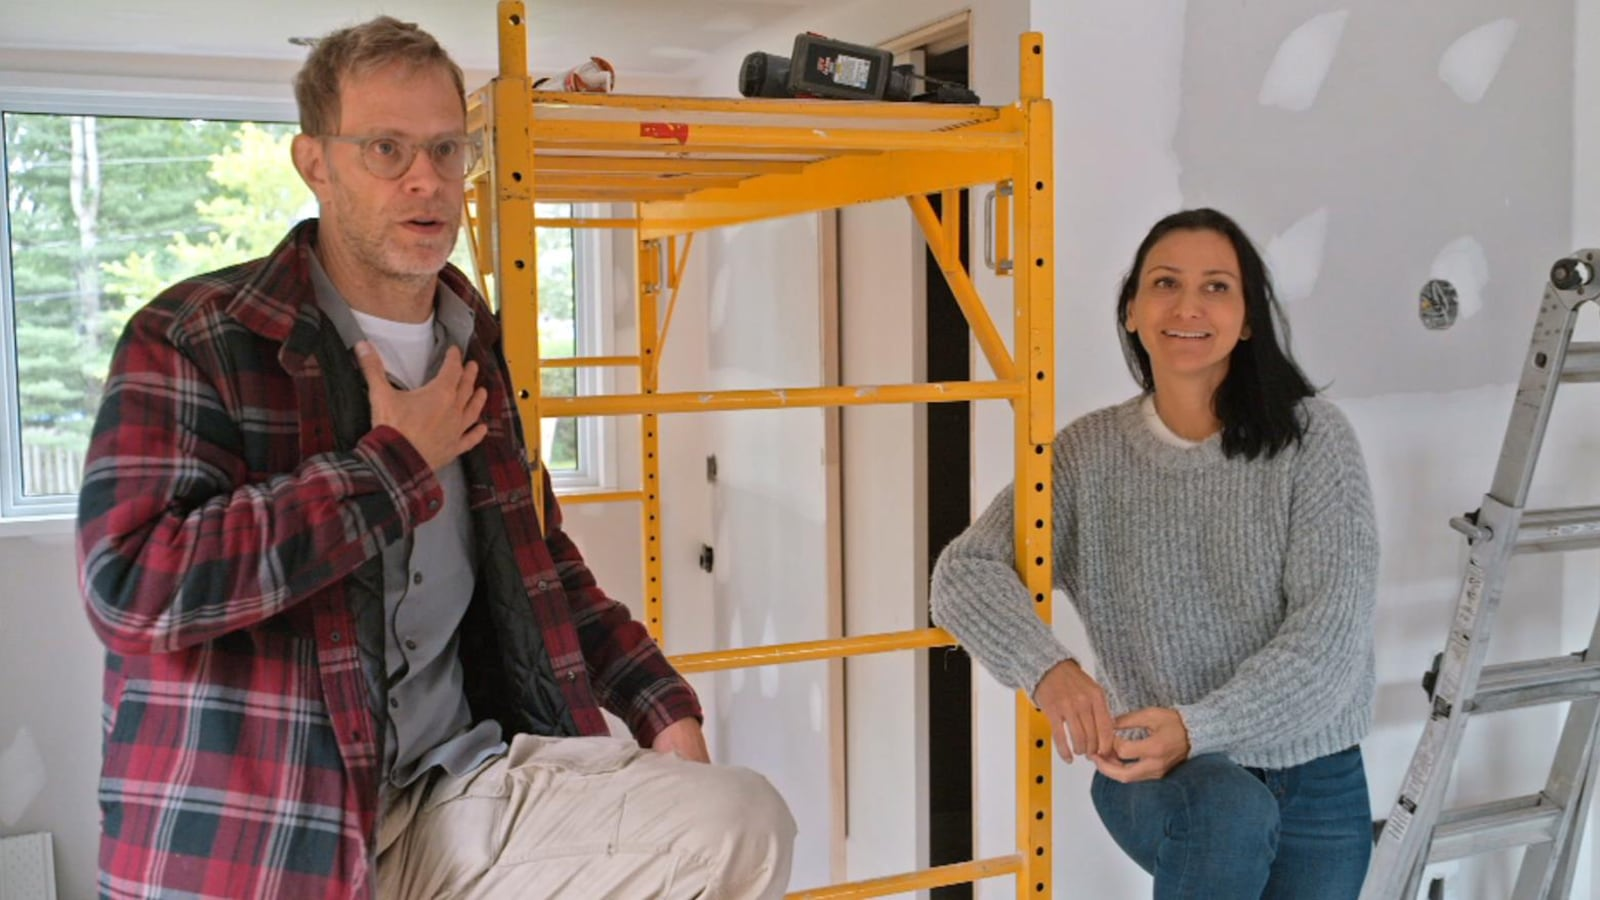 Un homme et une femme dans une maison en construction.